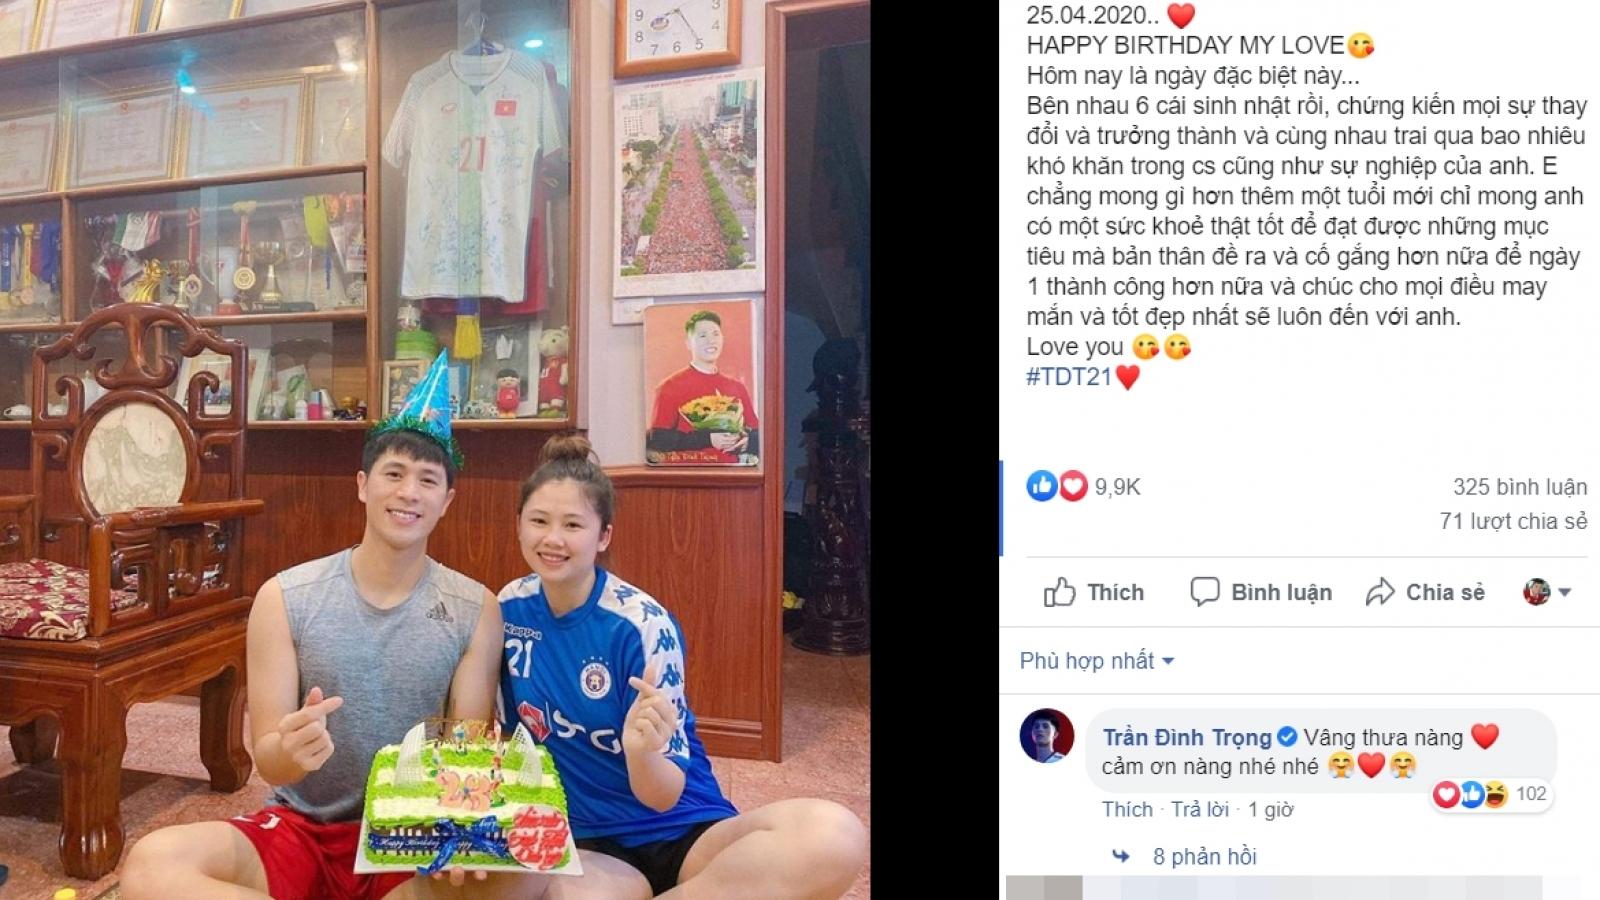 Đình Trọng nhận lời chúc đặc biệt từ bạn gái trong ngày sinh nhật